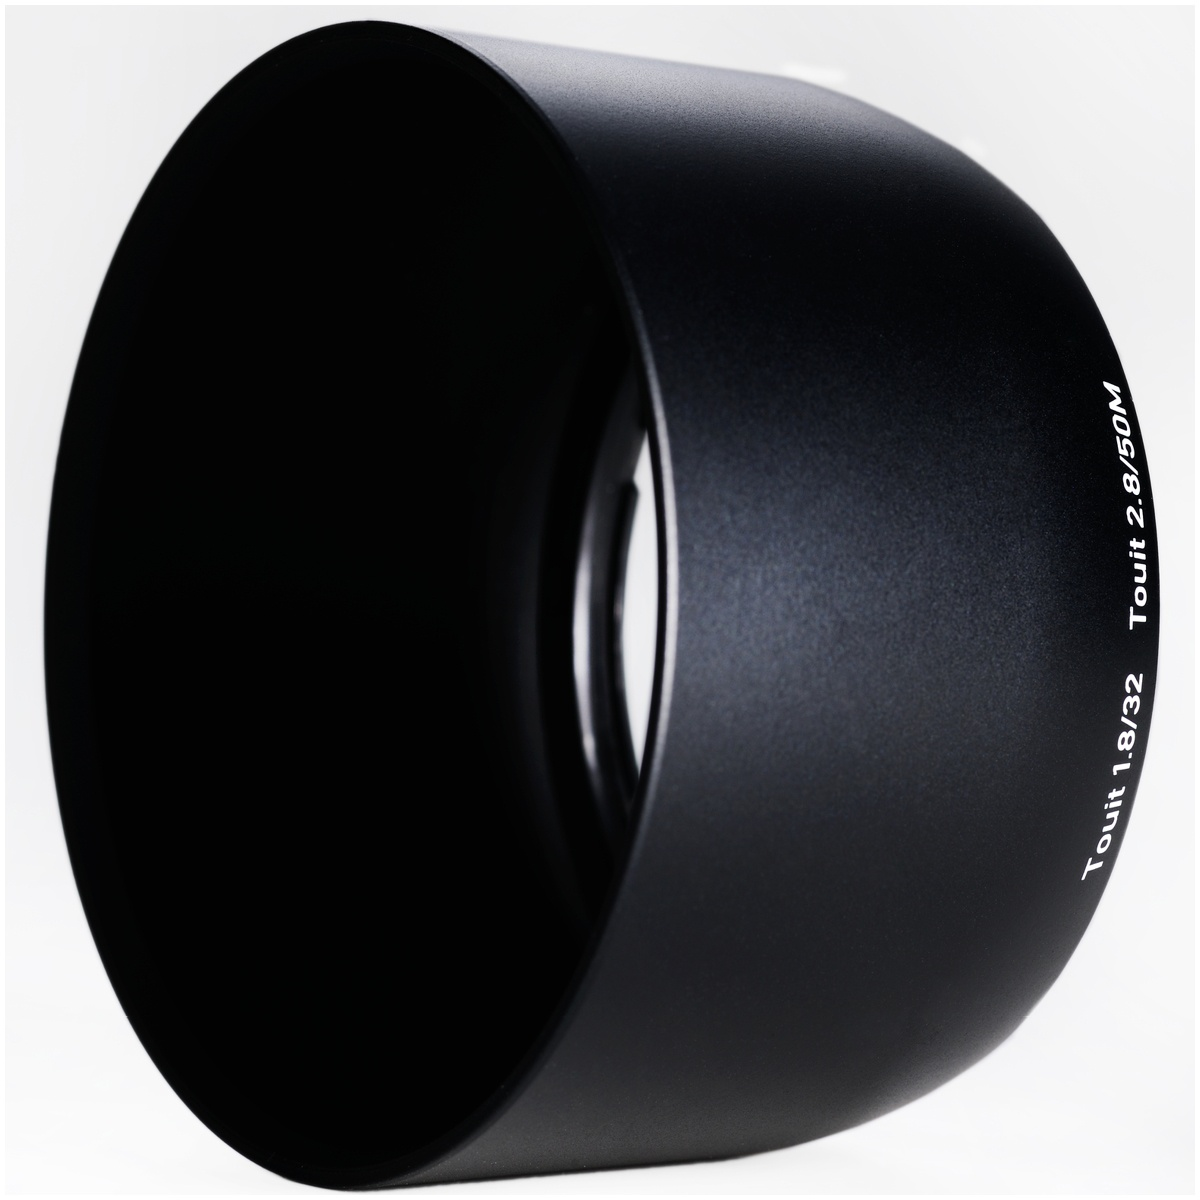 Zeiss 50 mm 1:2,8 M Touit Makro X-Mount